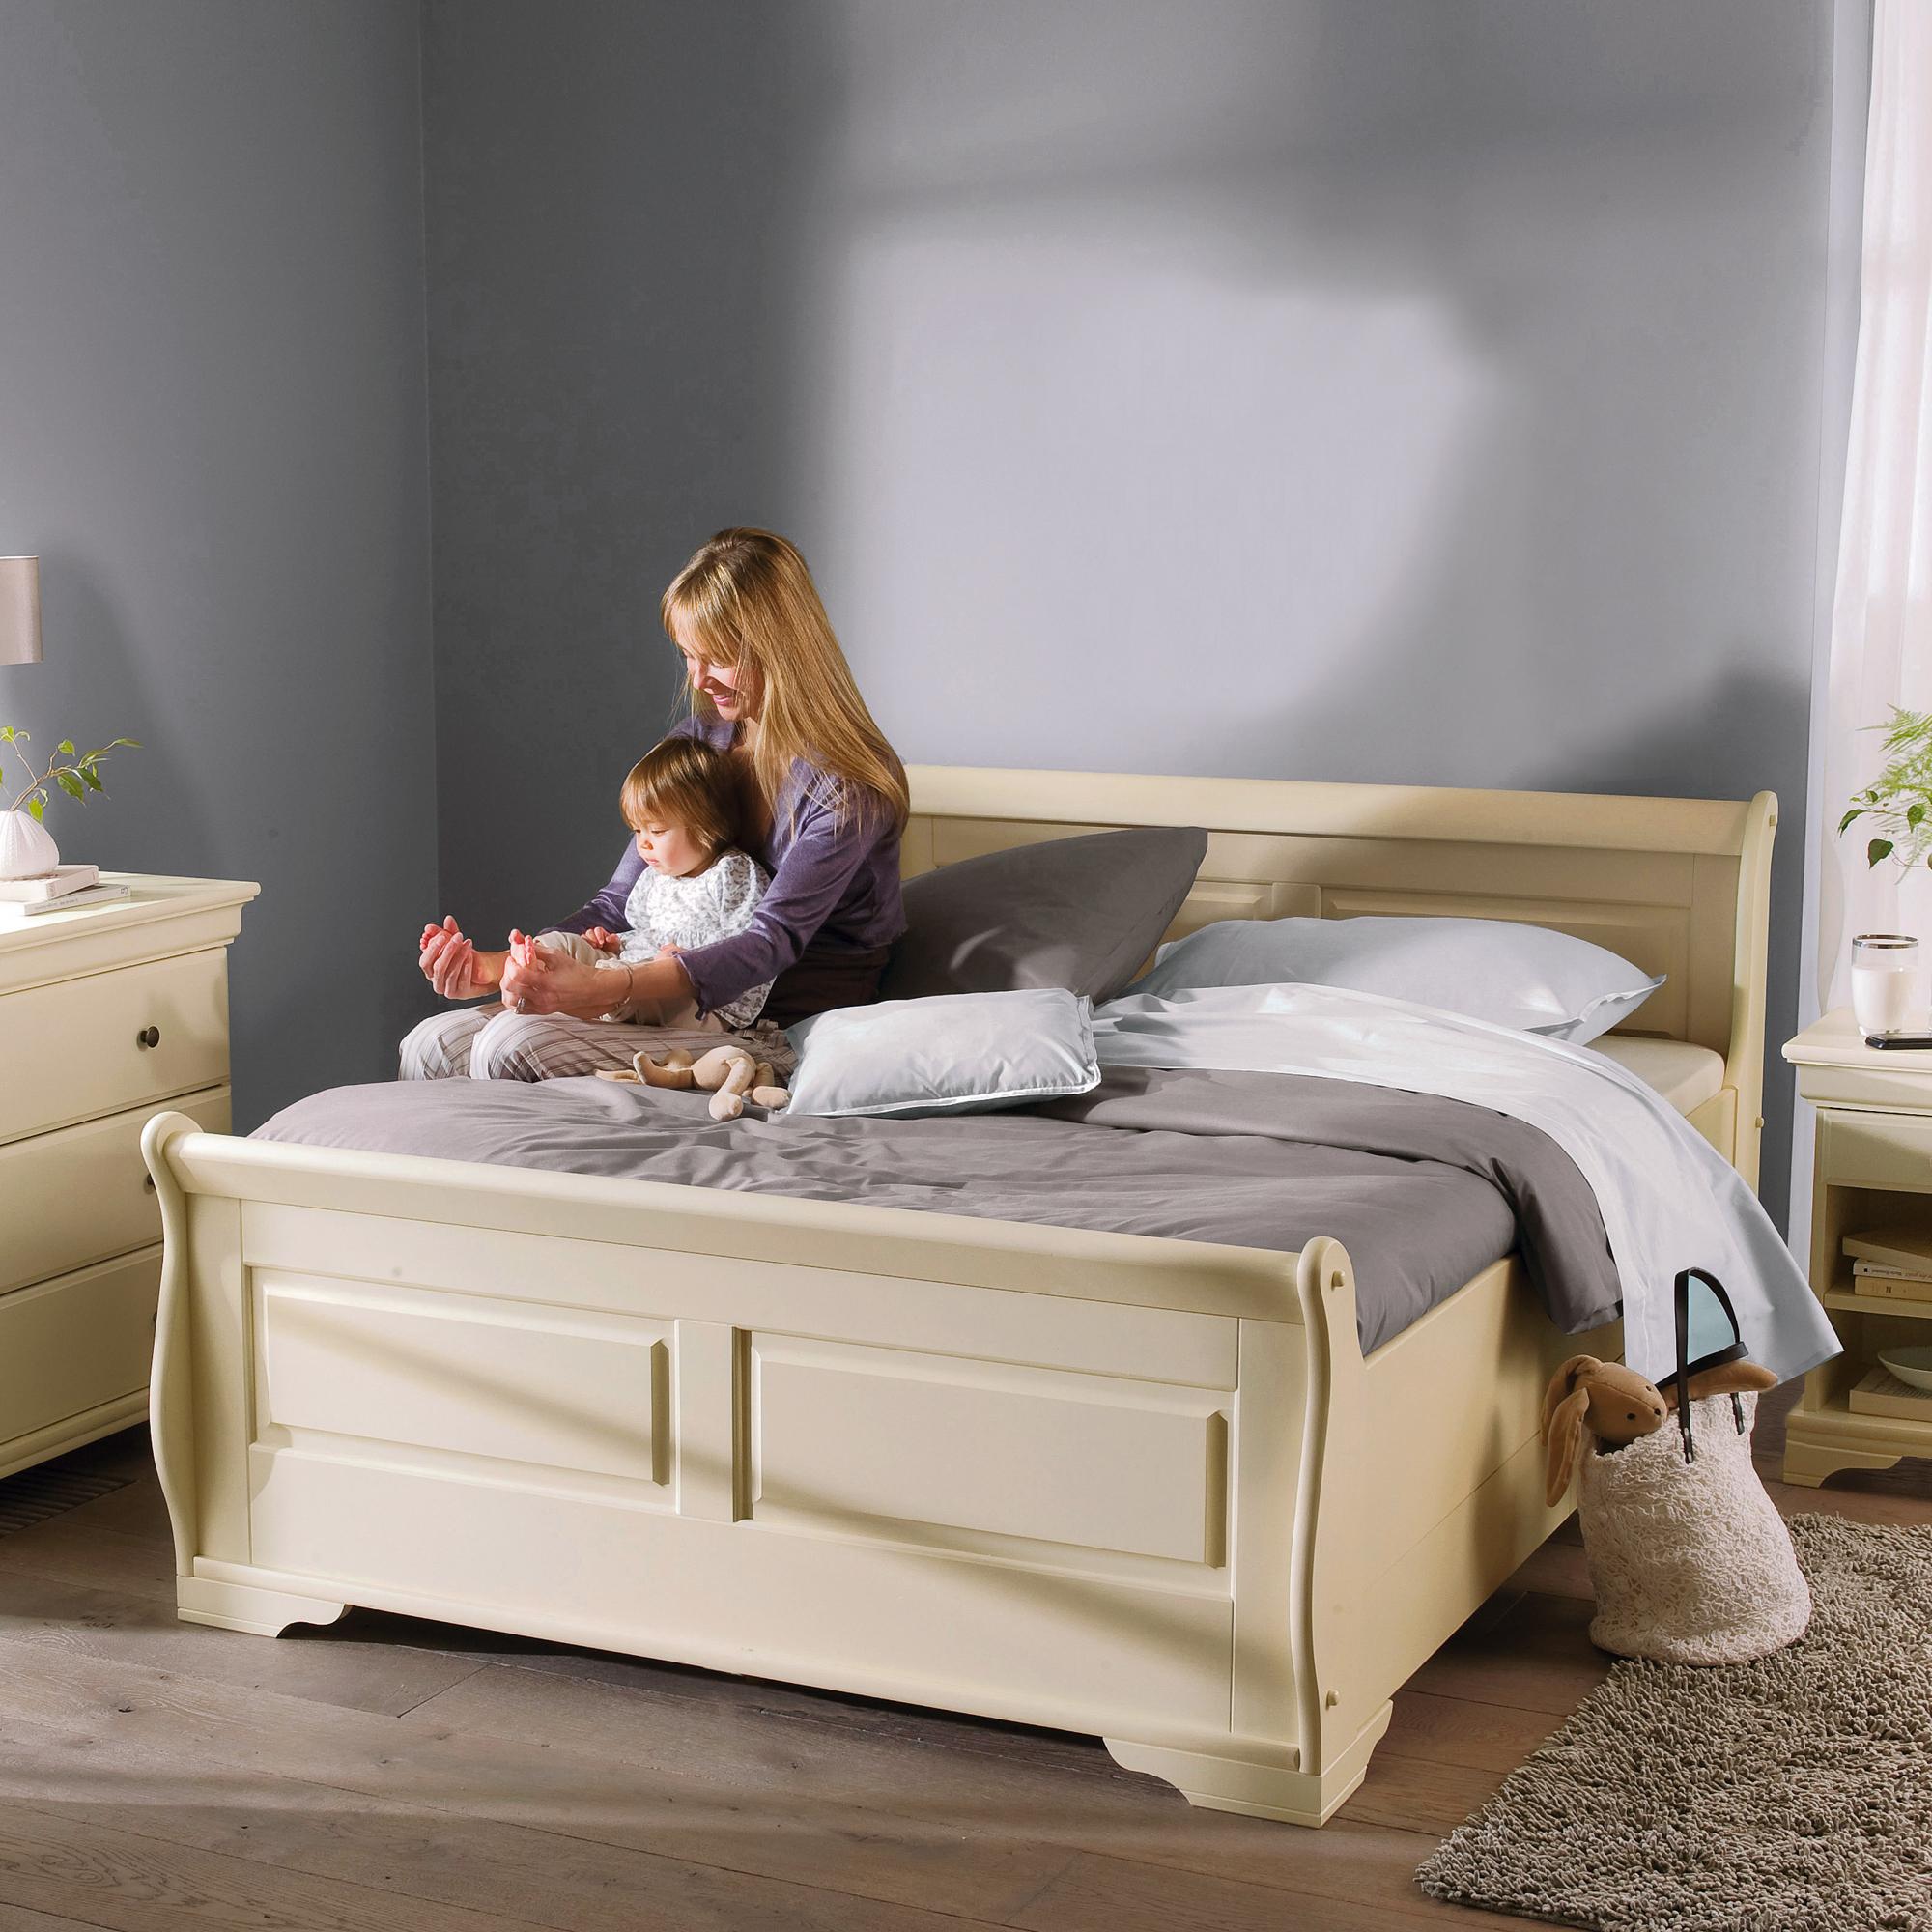 lit 140 x 190 cm style louis philippe ivoire anniversaire 40 ans acheter ce produit au. Black Bedroom Furniture Sets. Home Design Ideas